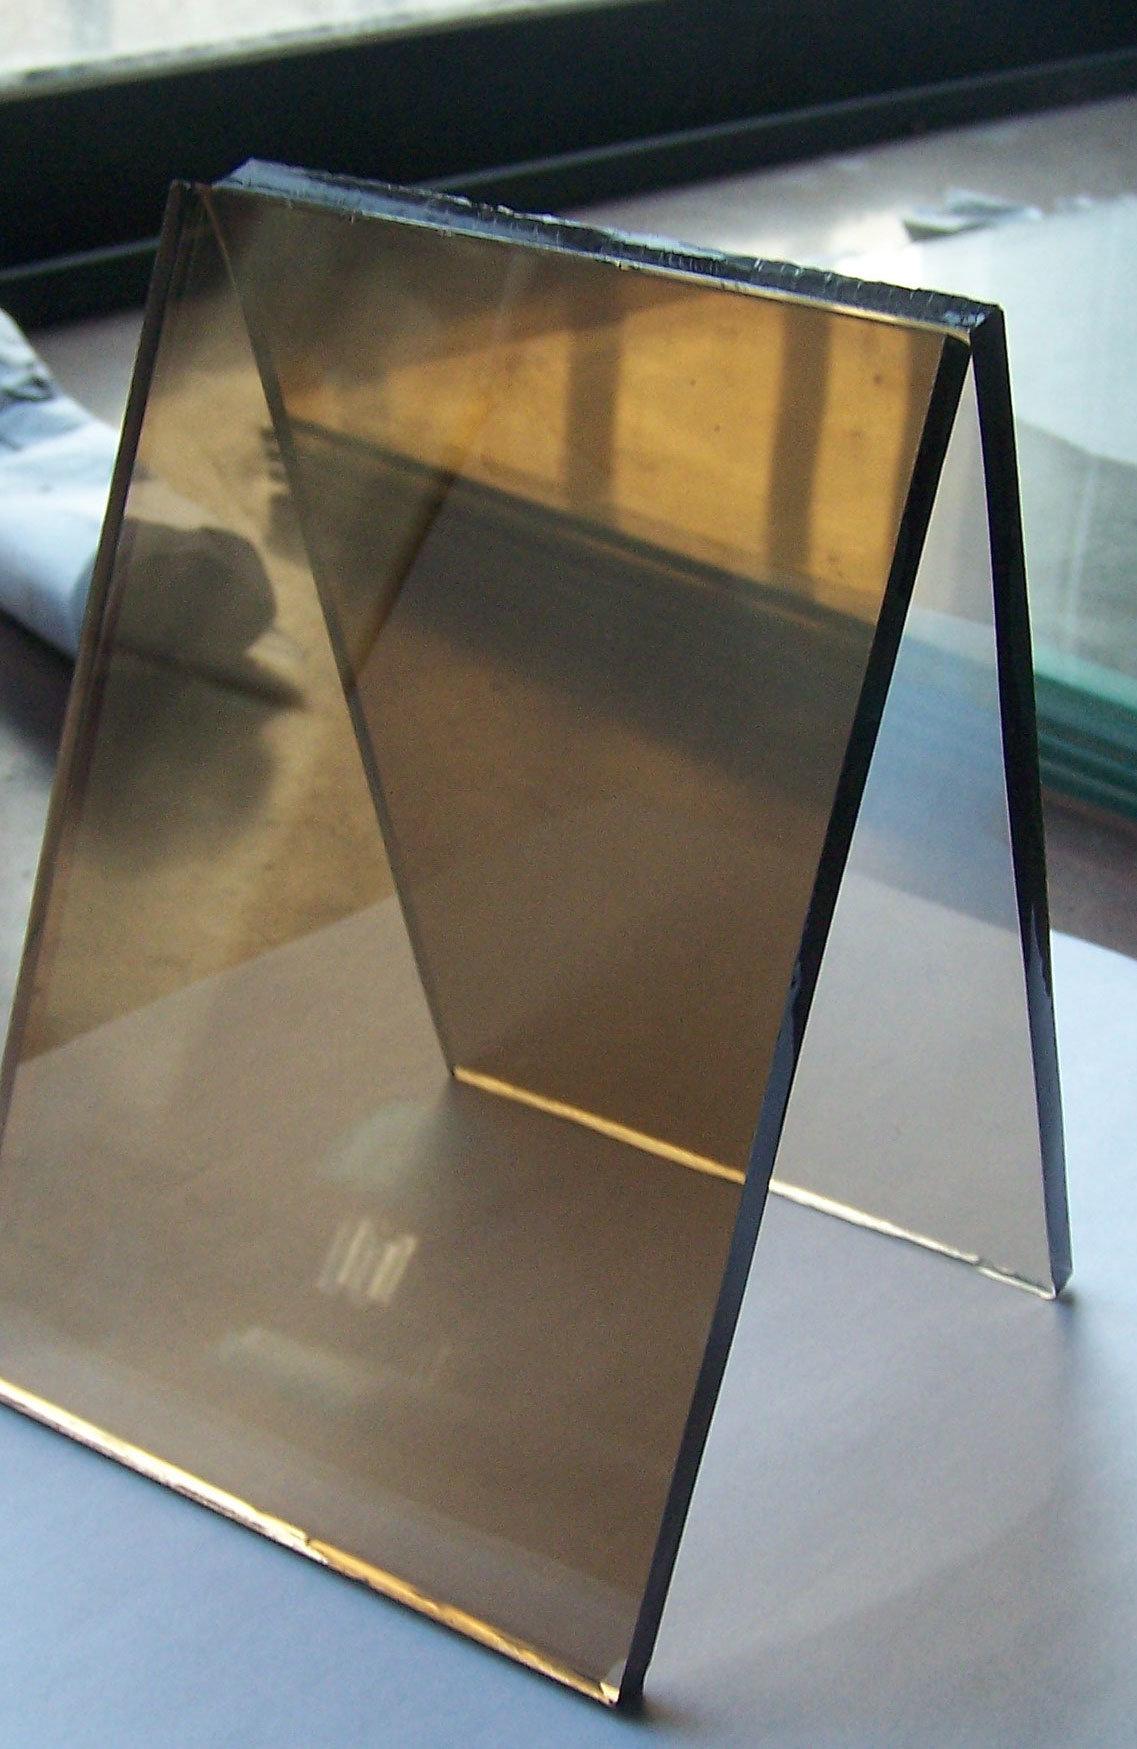 ضخامت های شیشه رفلکس